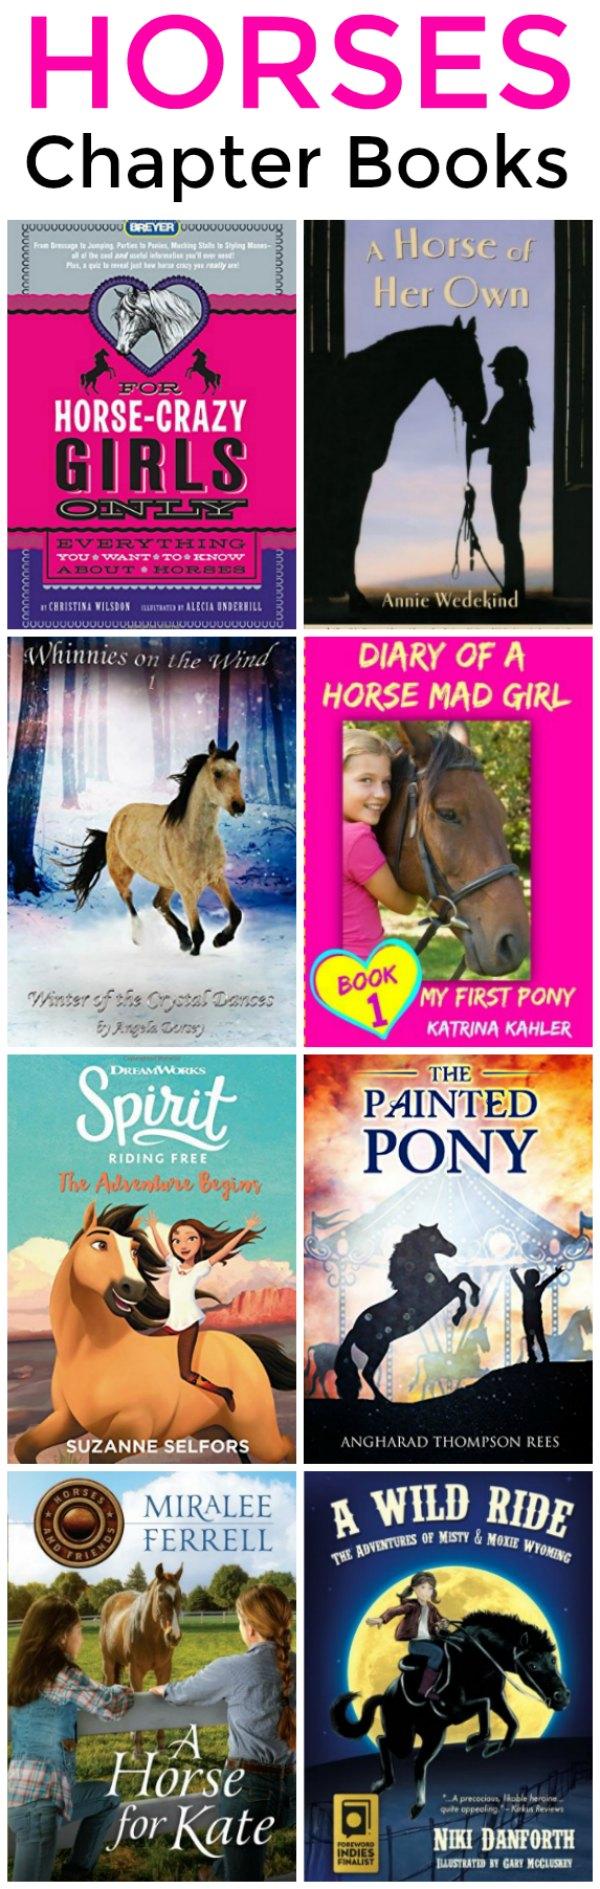 Chapter Horse Books for Girls | Mommy Evolution